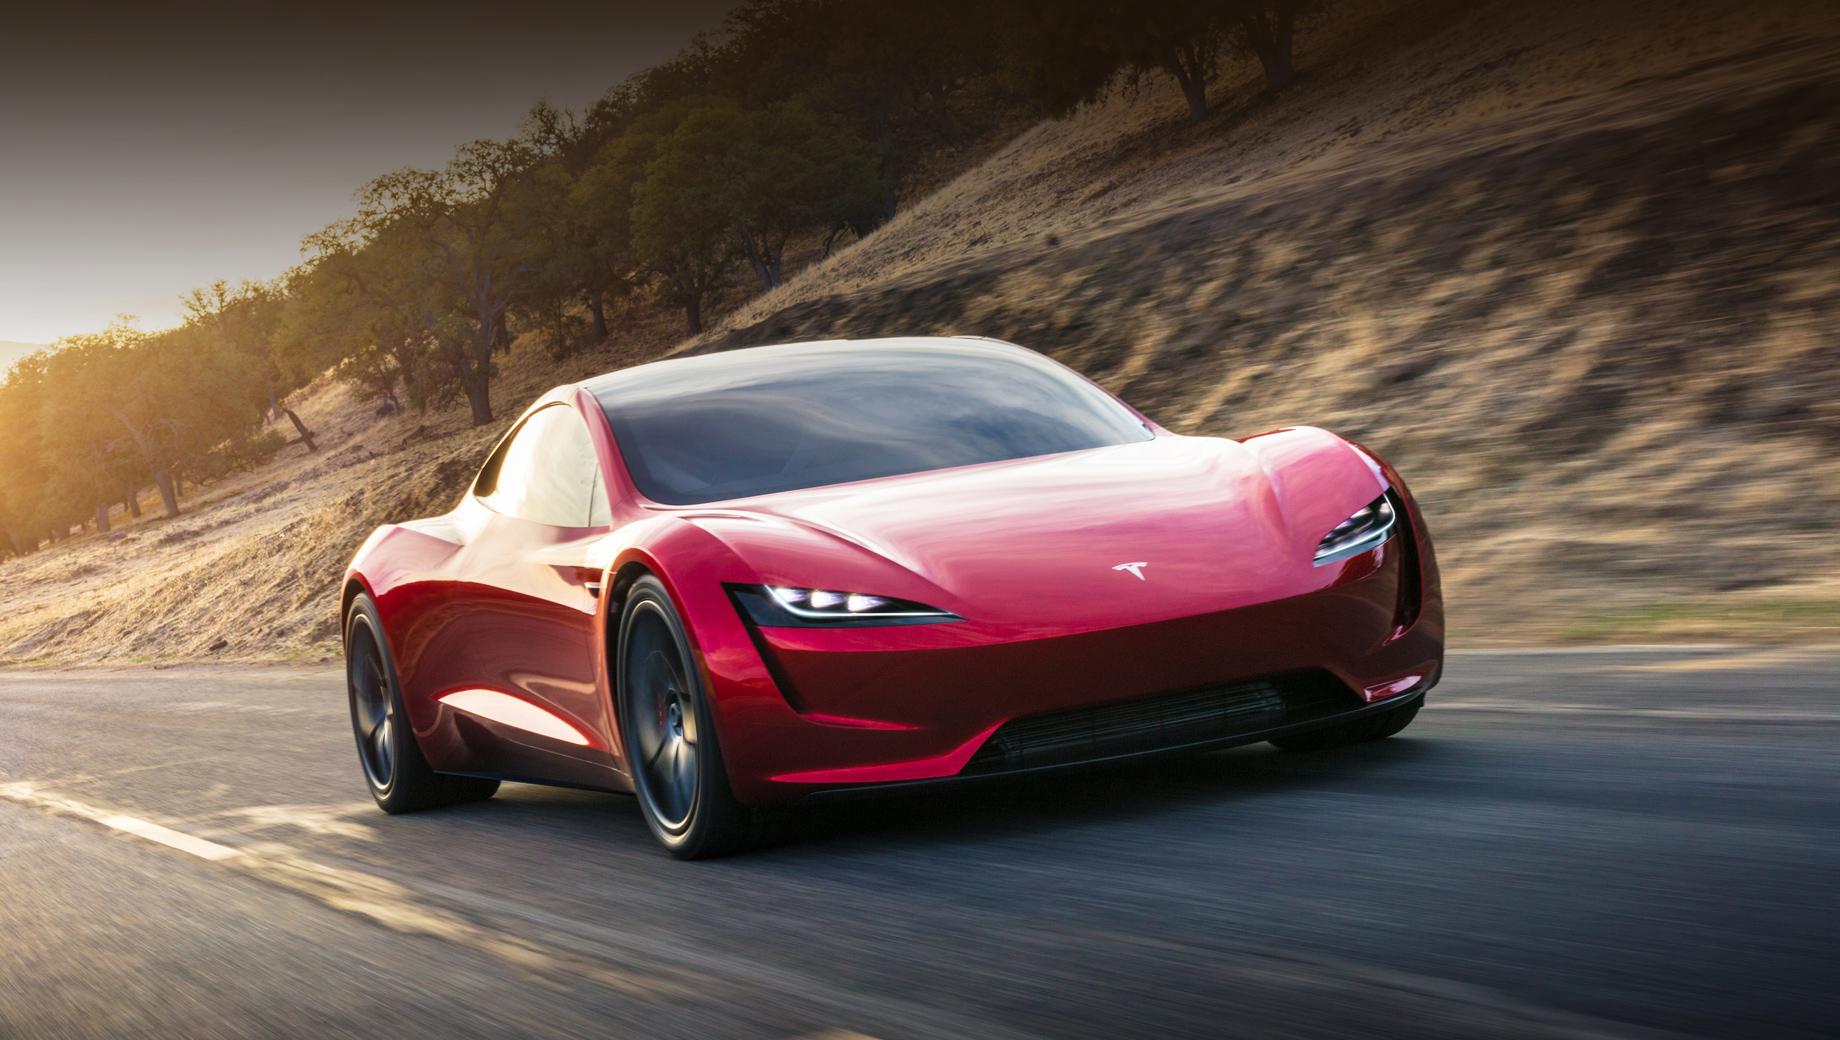 Tesla roadster. Цены пока остаются на уровне заявленных. Roadster в приветственной серии из 1000 экземпляров Founders Editions будет стоить $250 000 (17,9 млн рублей), а обычные версии — $200 000 (14,3 млн рублей).